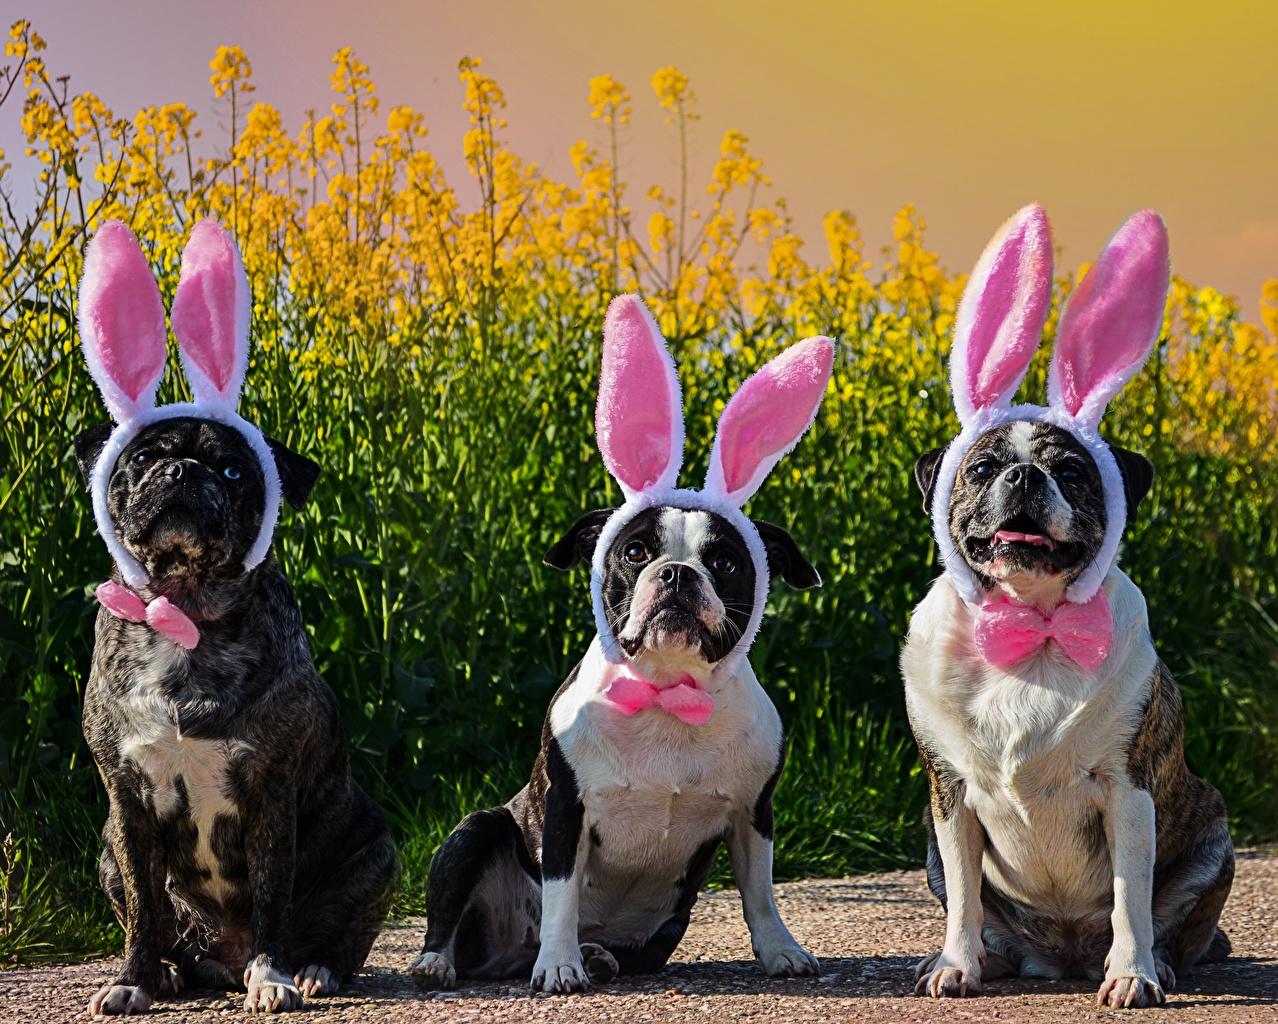 Картинка Смешные бульдога Собаки Ушки кролика три Галстук-бабочка Юмор Бульдог собака Трое 3 втроем